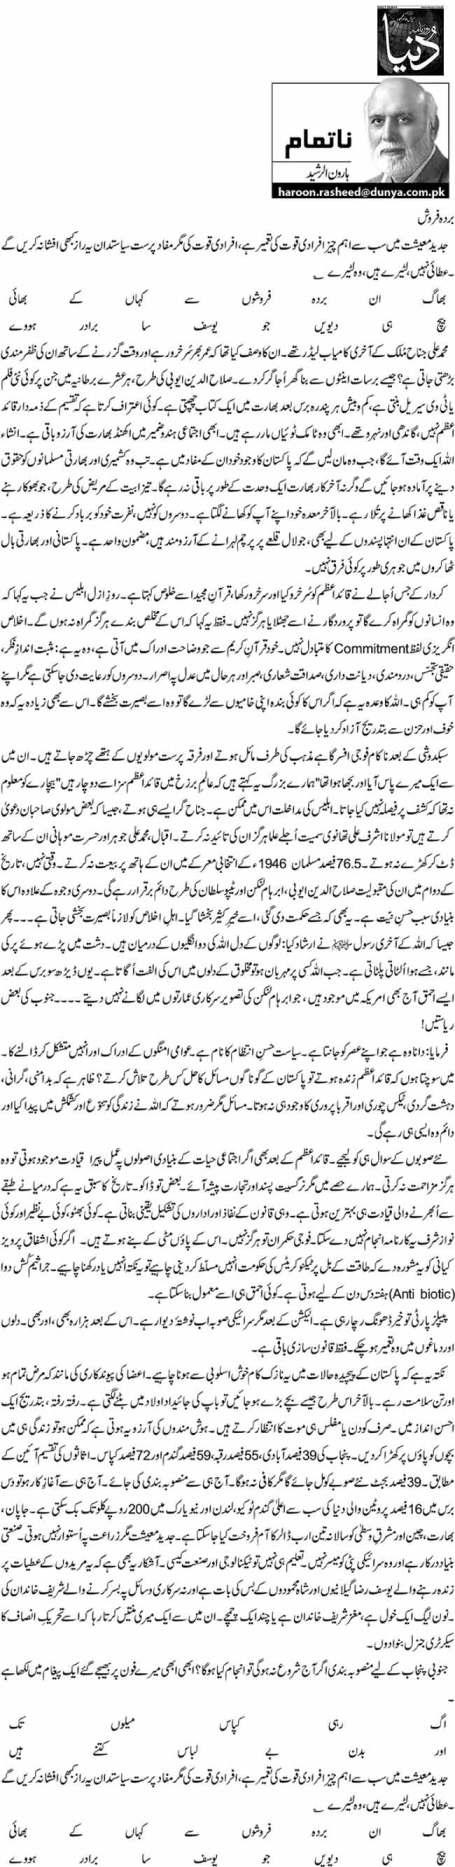 Burda Firosh - Haroon-ur-Rasheed